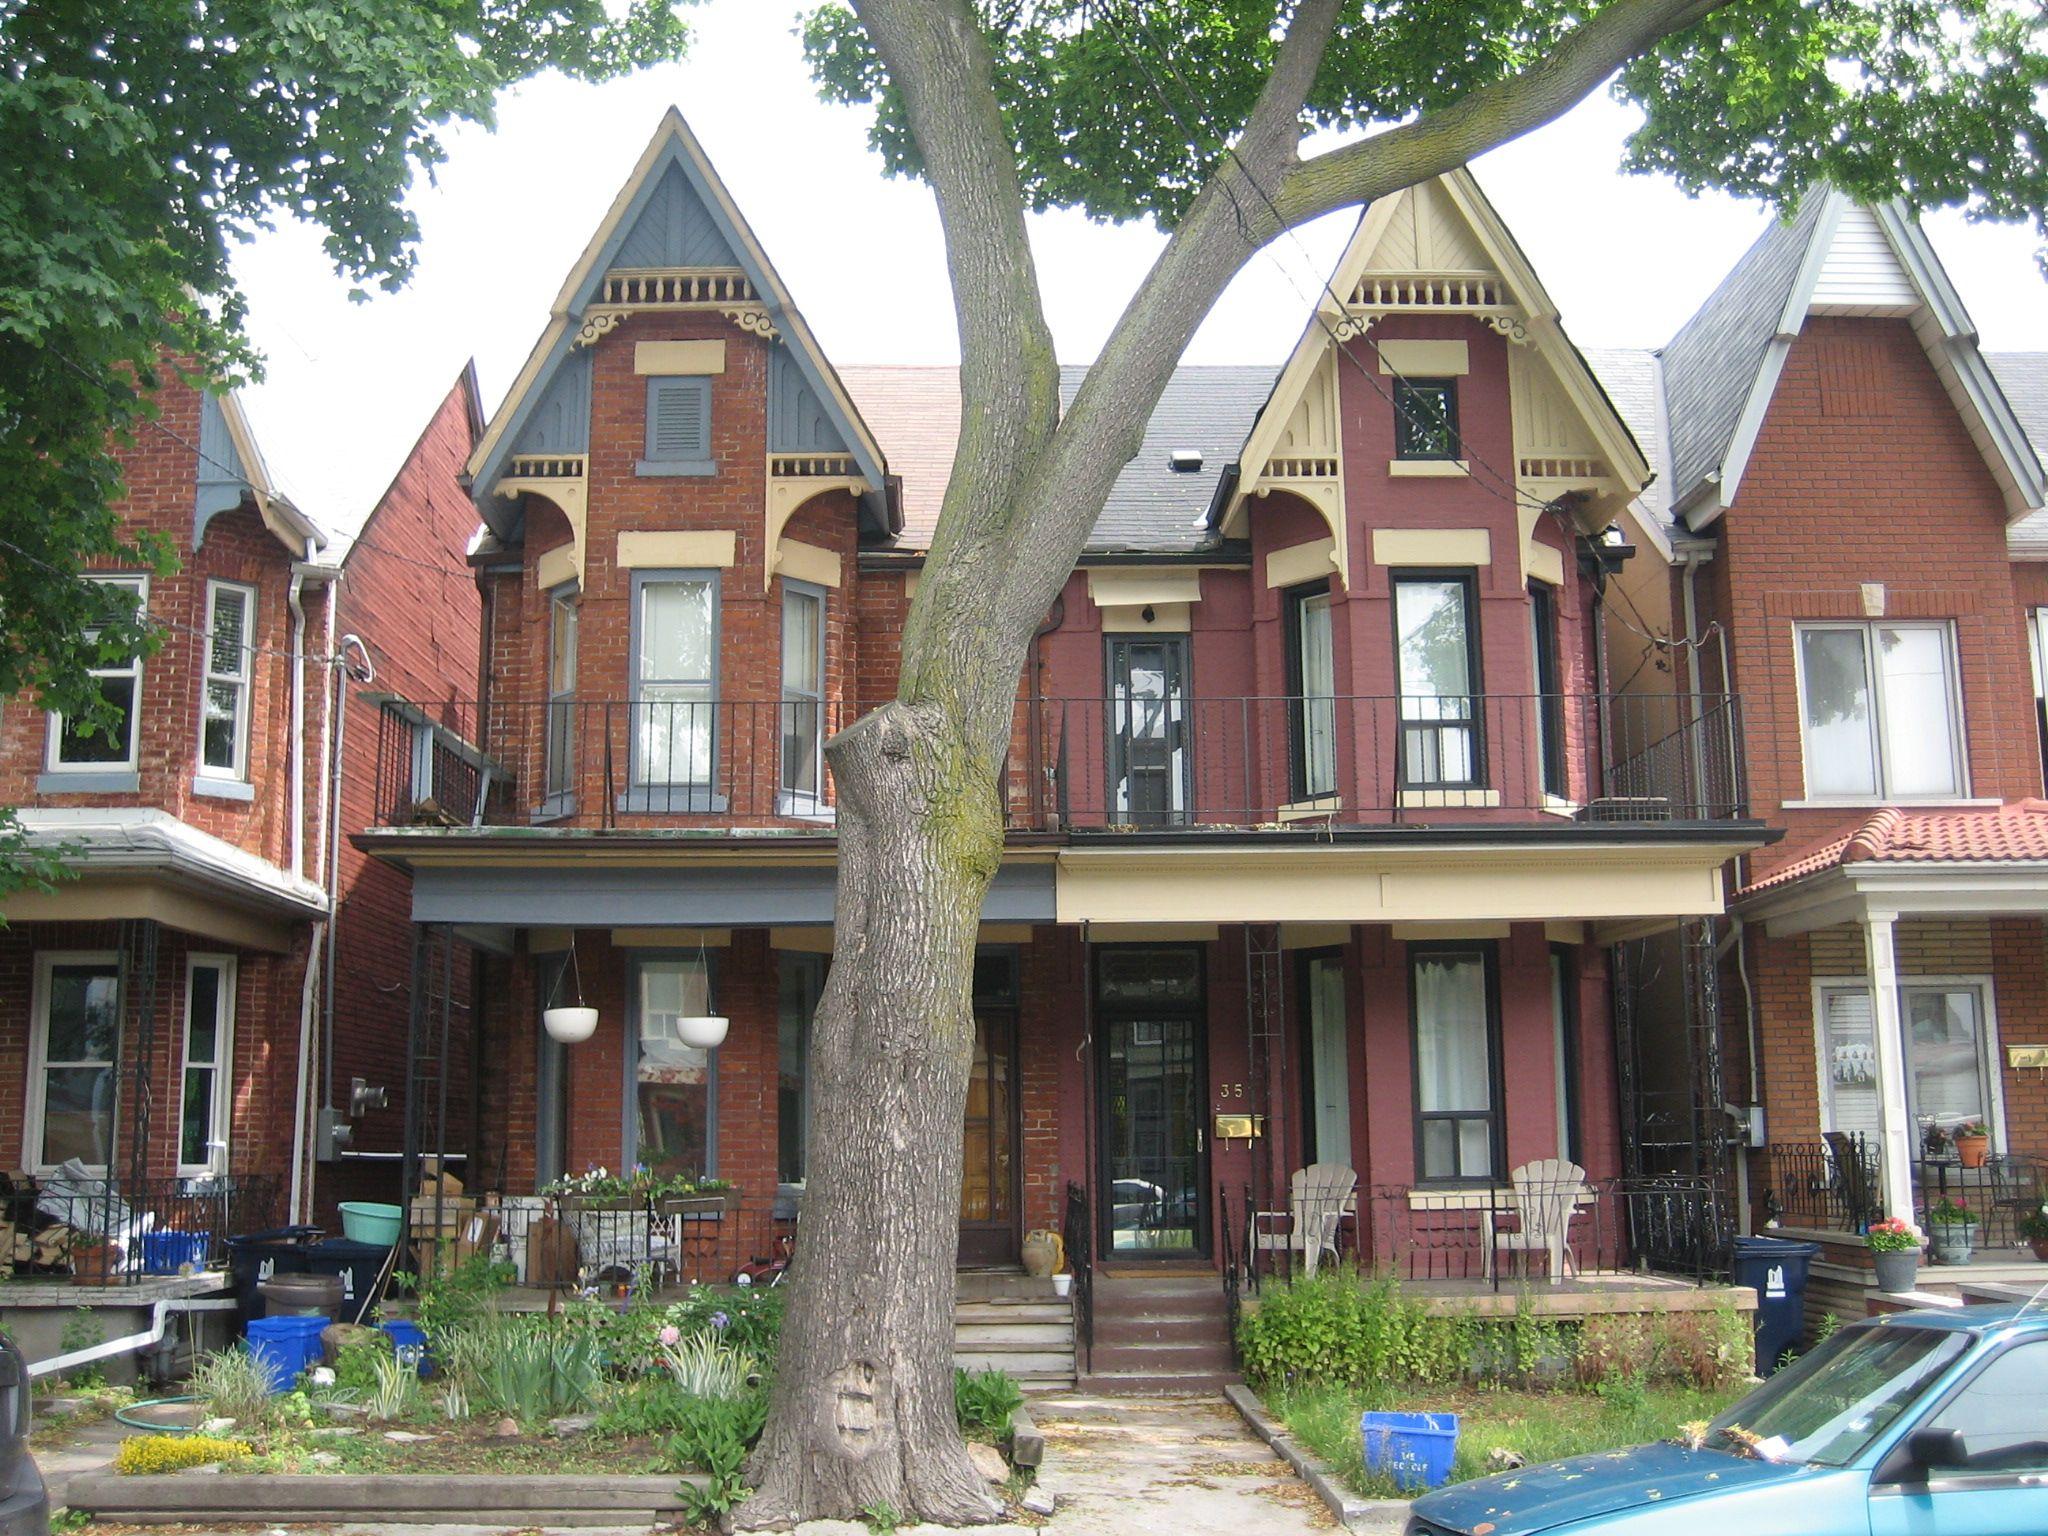 A Bay And Gable Victorian Duplex Toronto Ontario Apartments Exterior Gable House Toronto Houses